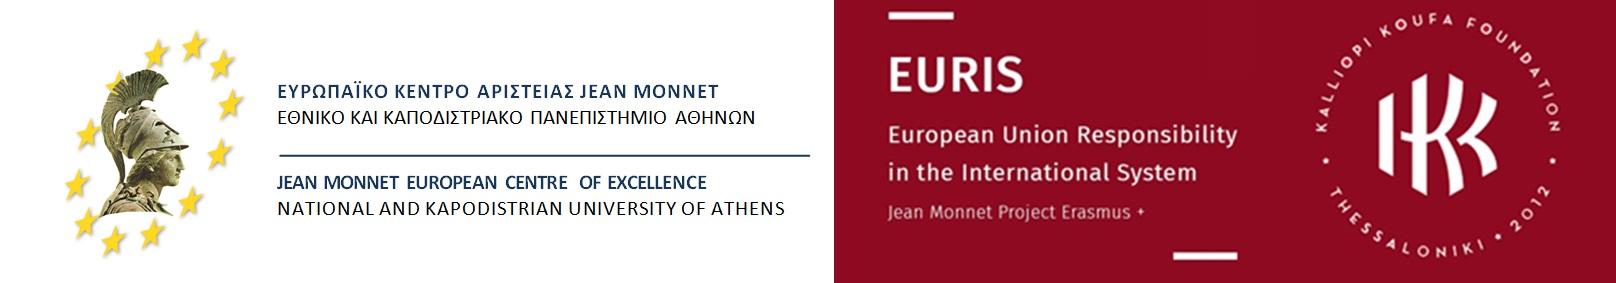 Εκπαιδευτικό Σεμινάριο (webinar) «Η Διαχείριση των Εξωτερικών Συνόρων της ΕΕ στον Έβρο, στο Αιγαίο και στην Ανατ. Μεσόγειο» 31 Μαΐου – 16 Ιουνίου 2021